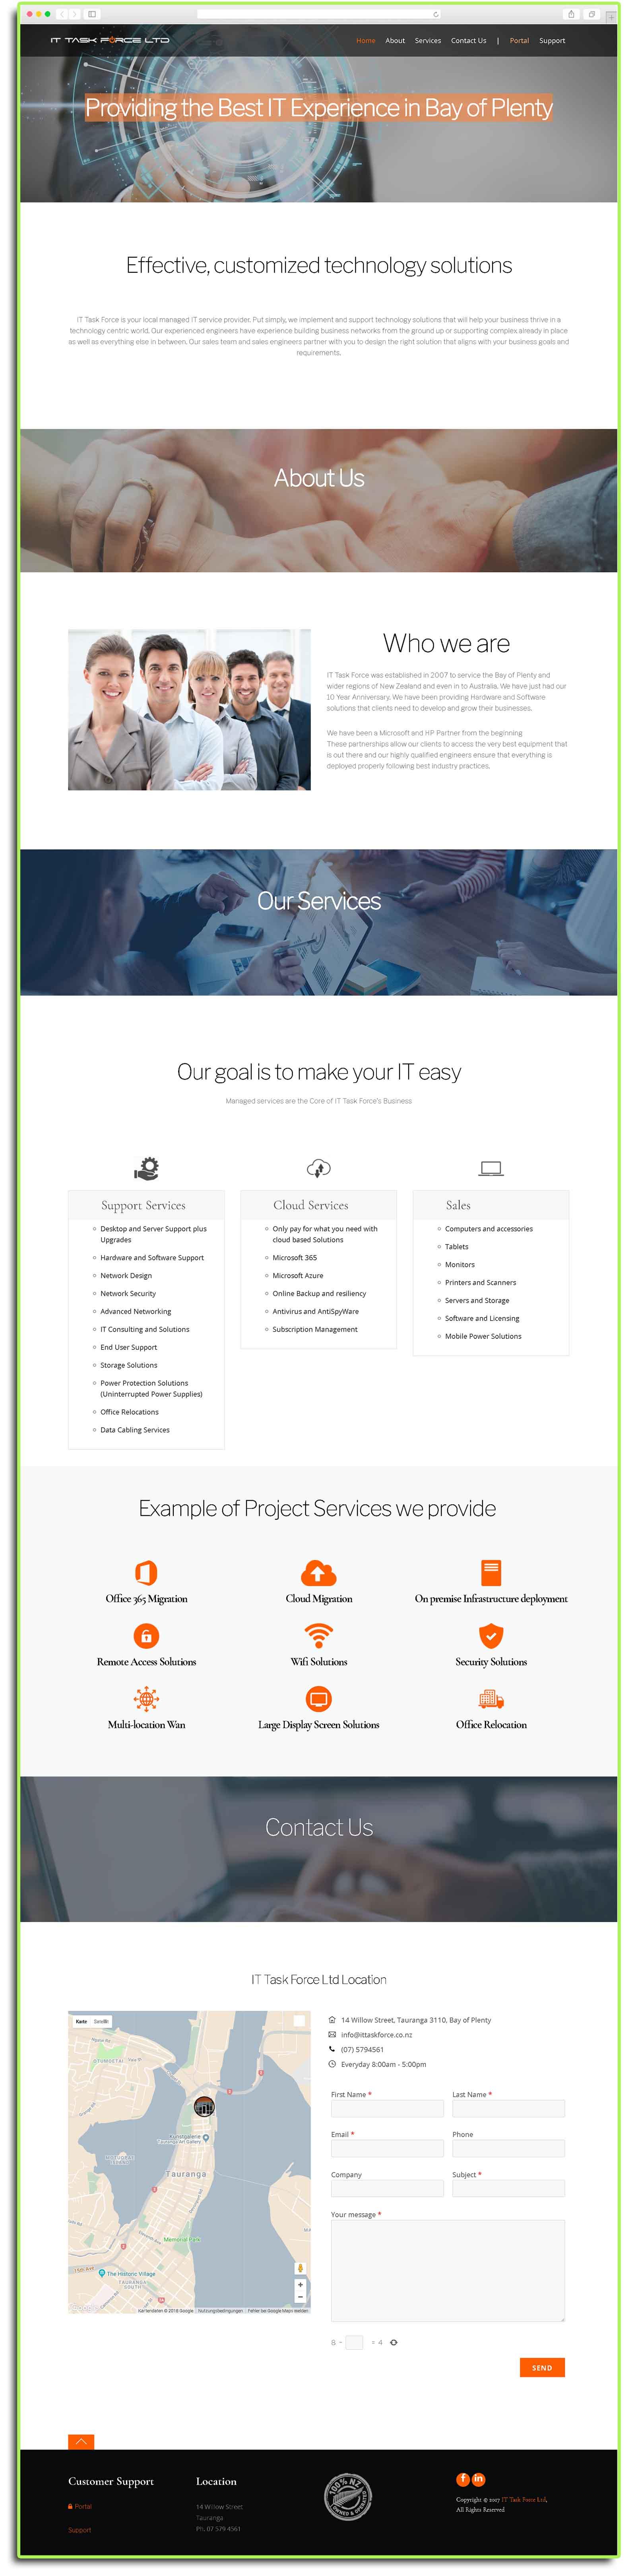 It Task Force Work by Daniel Kovacs Overview